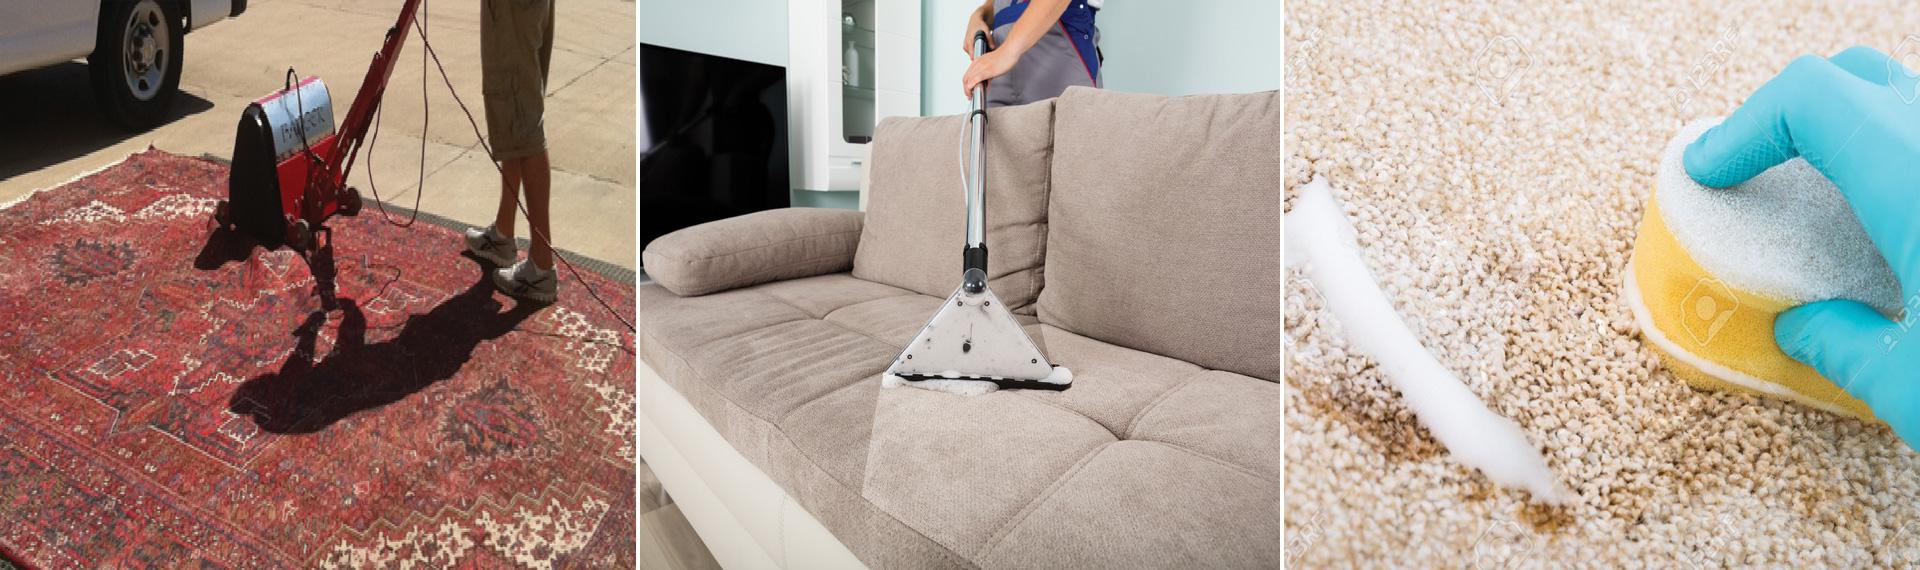 Brillon Cleaning Services Orlando FL